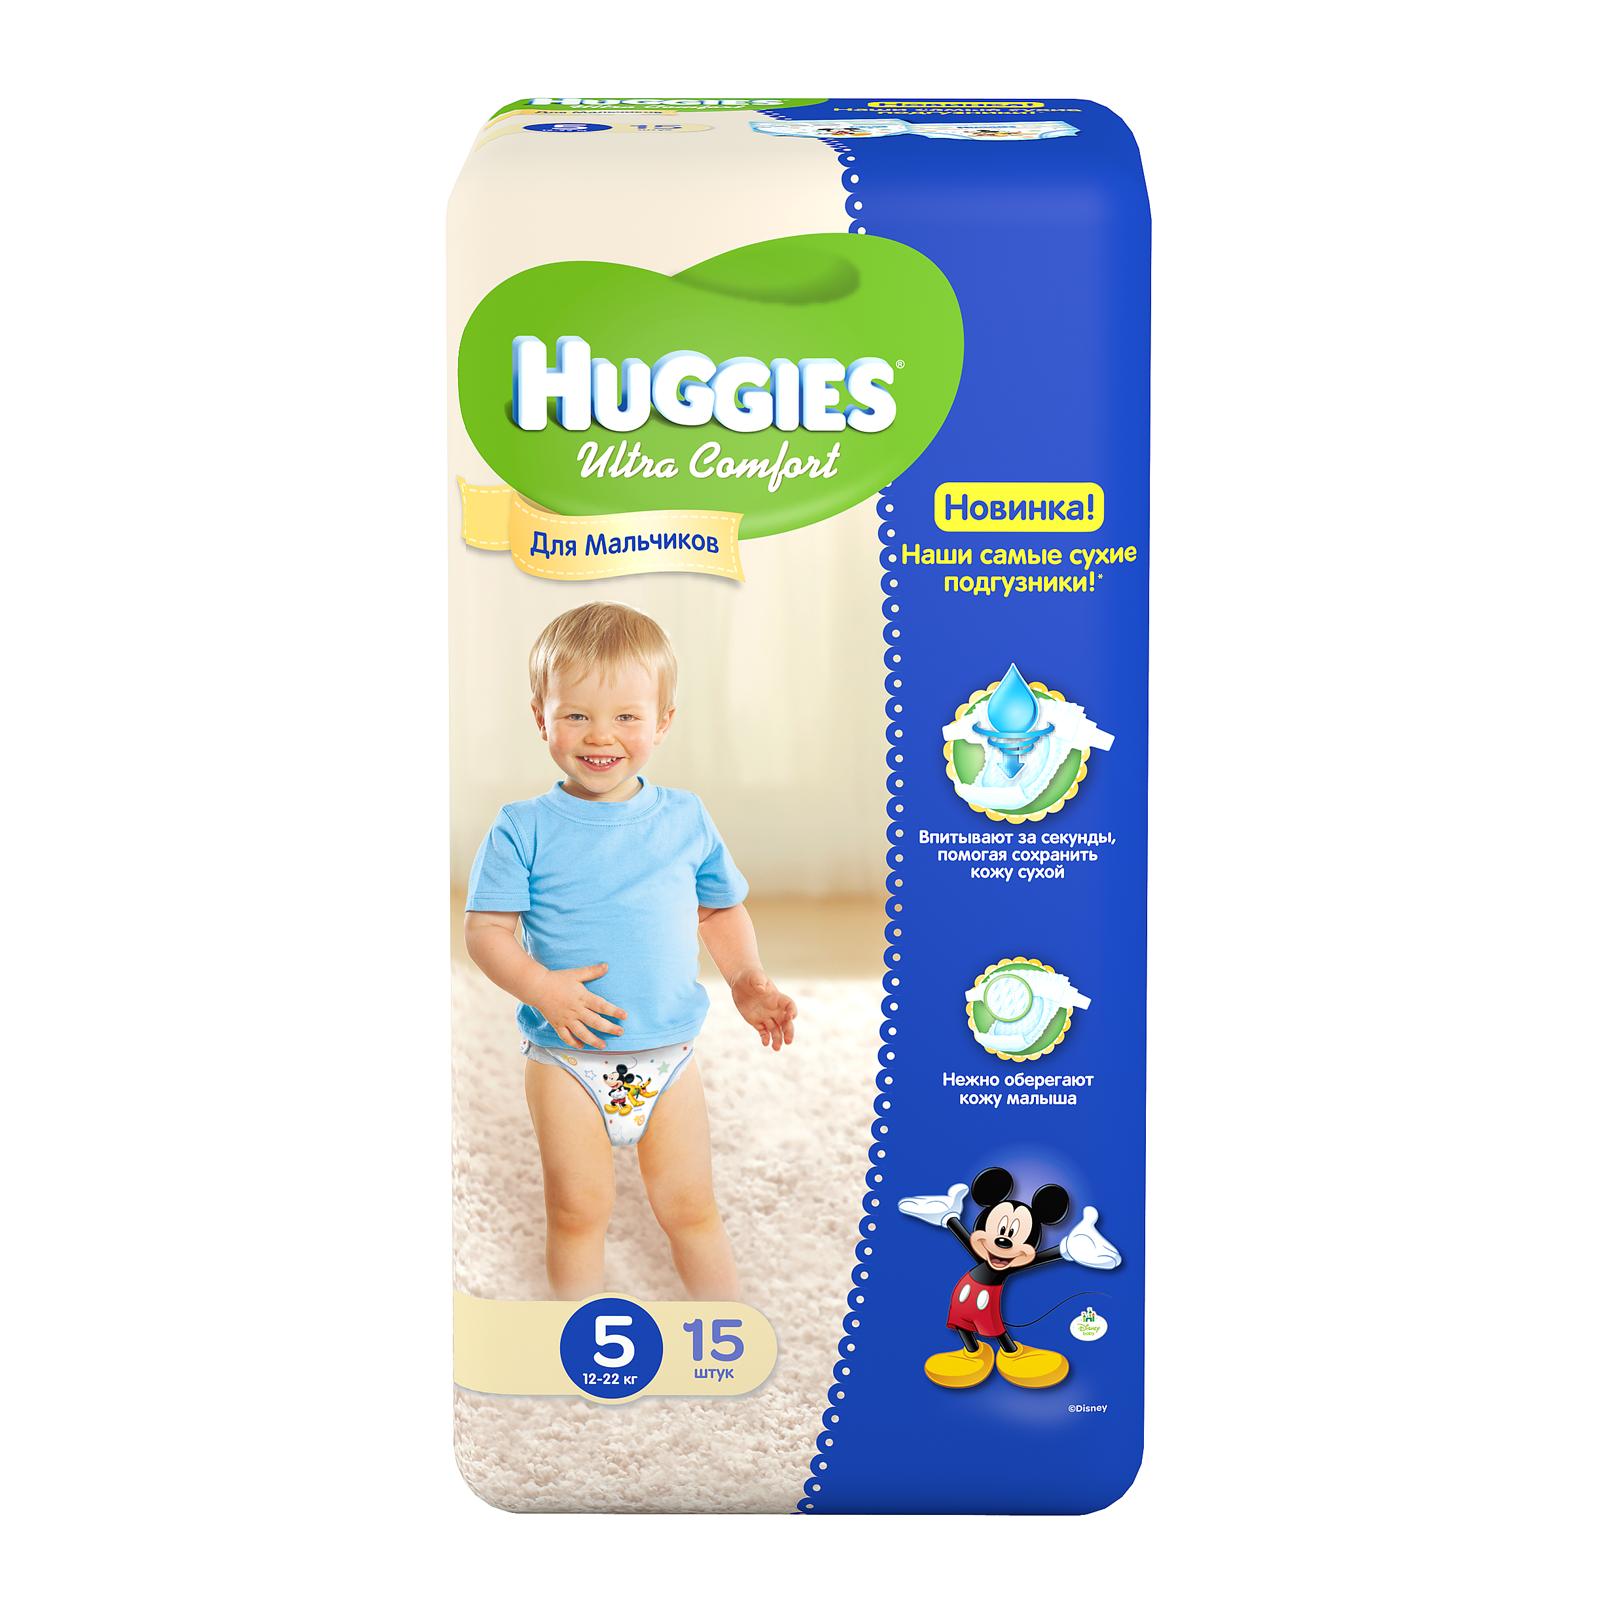 Подгузники Huggies Ultra Comfort Conv Pack для мальчиков 12-22 кг (15 шт) Размер 5